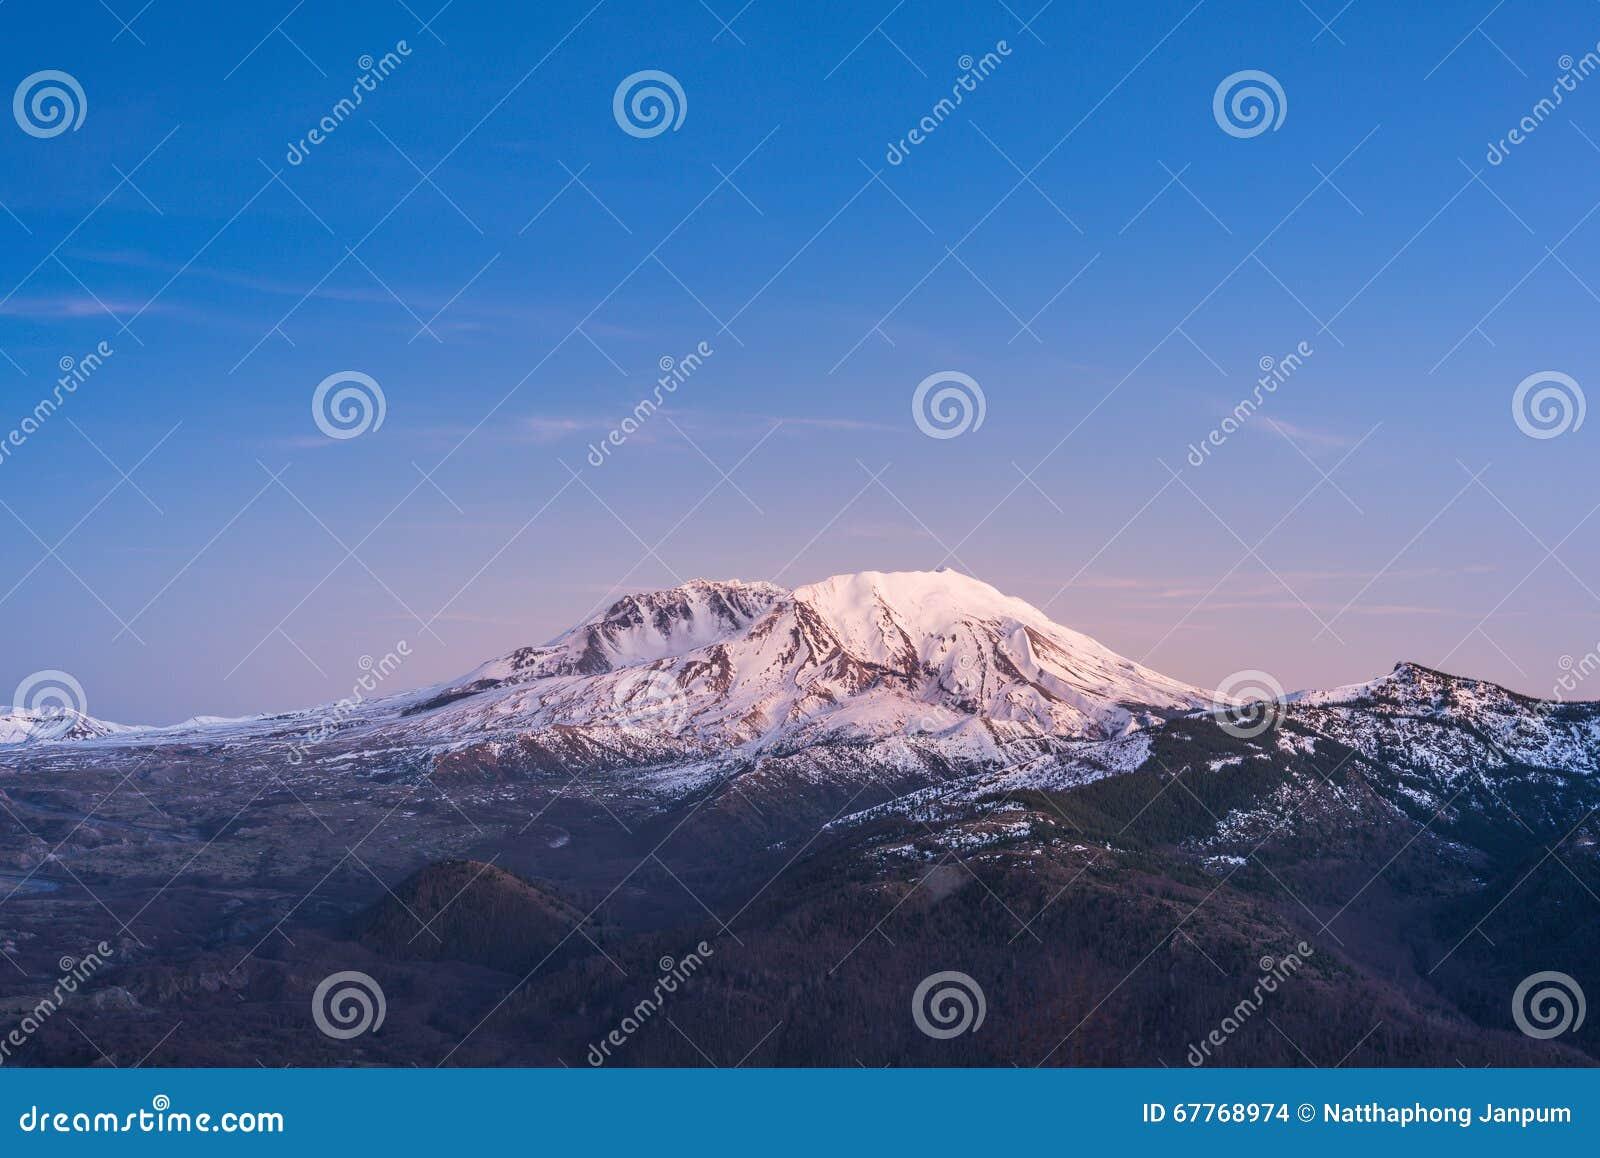 Toneeldiemening van MT st Helens met sneeuw in de winter wordt behandeld wanneer de zonsondergang, St Helens Nationaal Vulkanisch